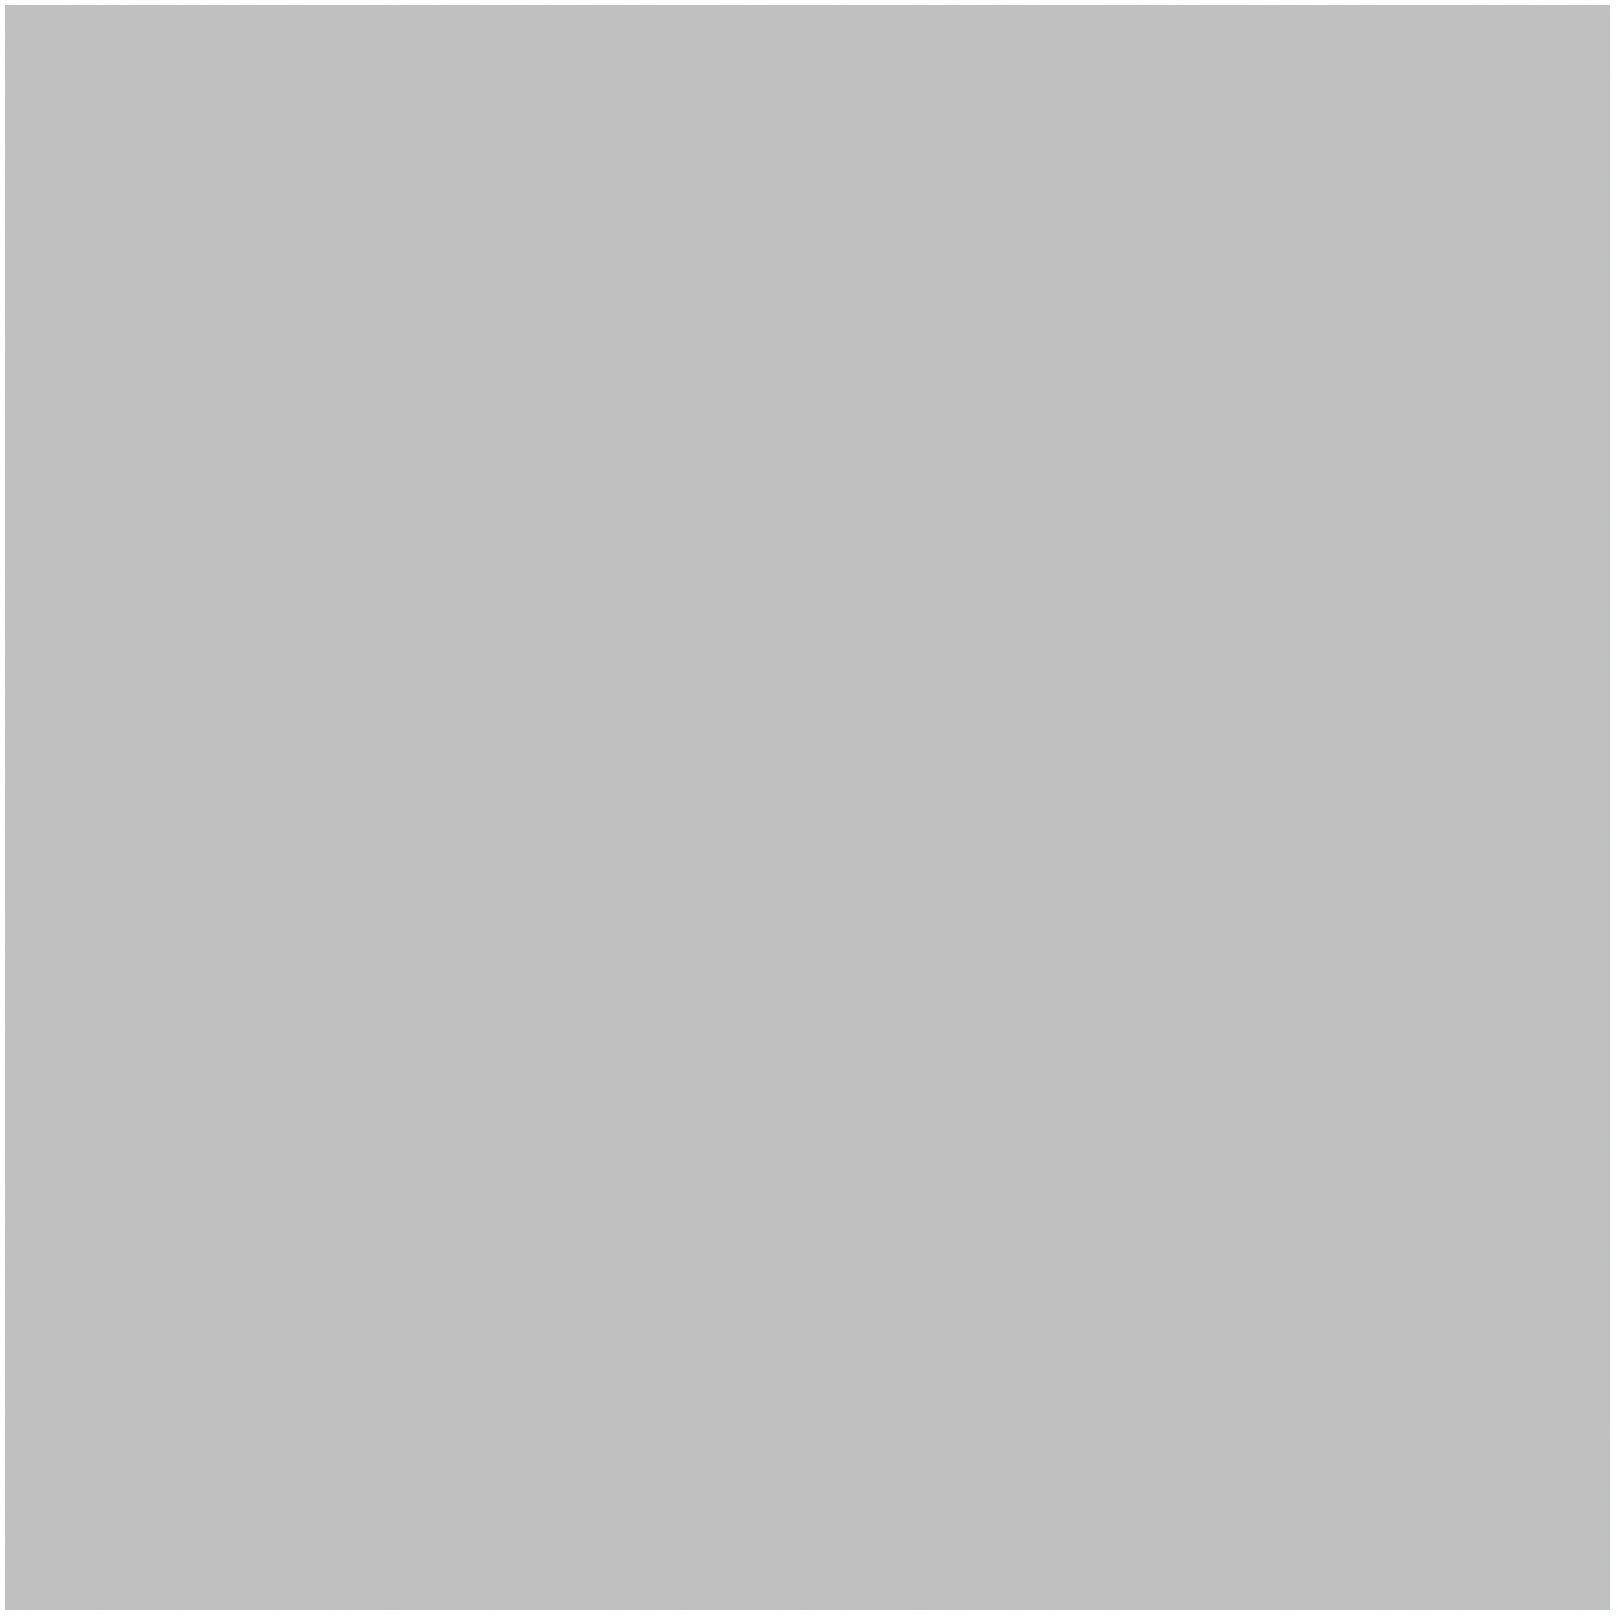 Karton kolor A1 srebrny Interdruk